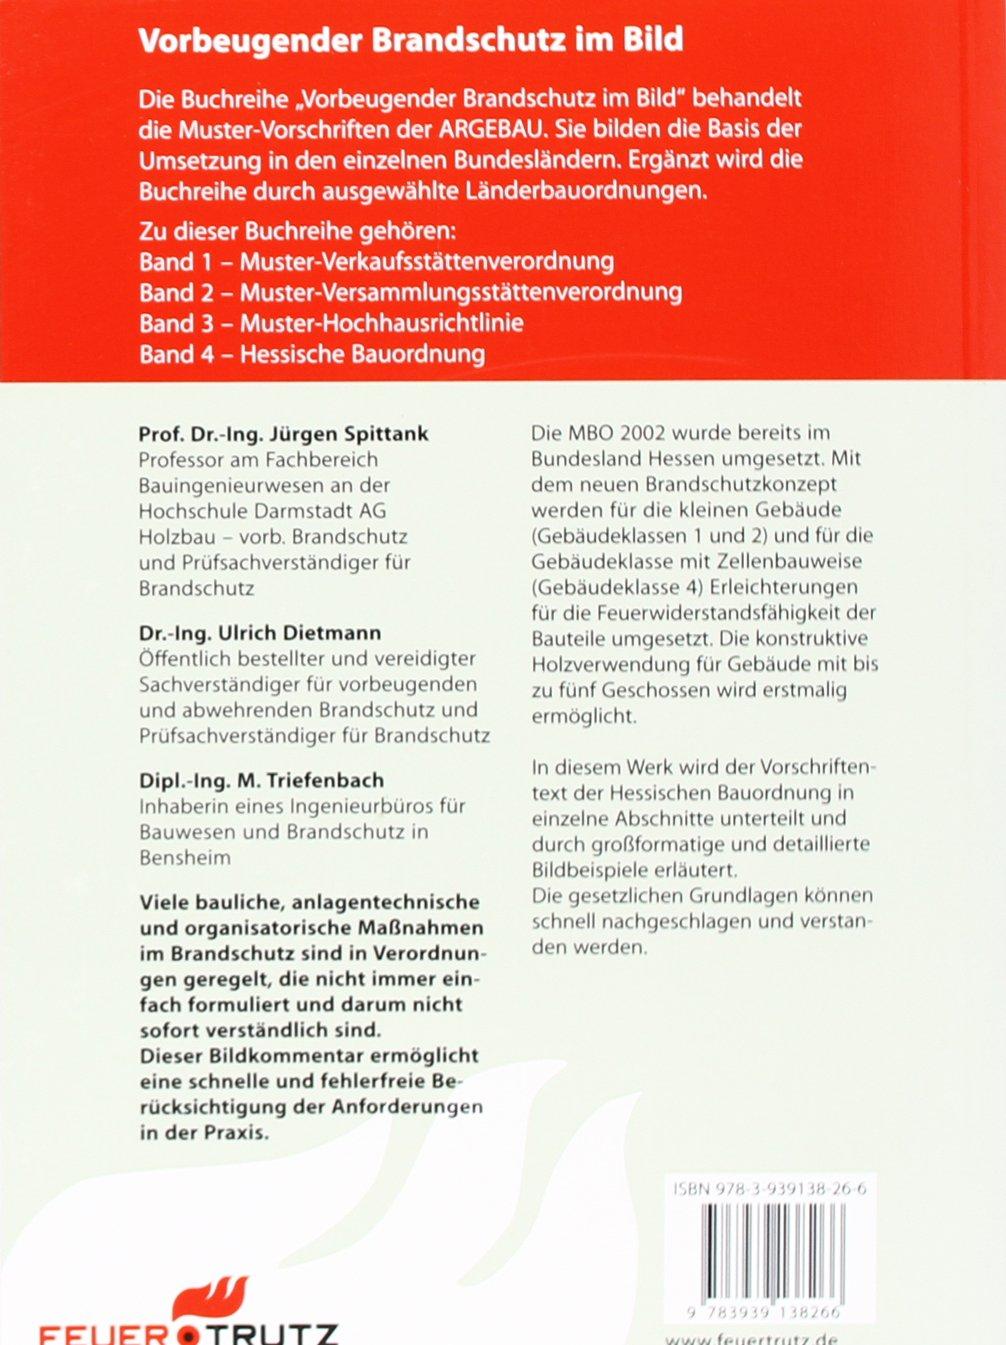 Hessische bauordnung mit ergnzungsband als pdf download hessische bauordnung mit ergnzungsband als pdf download vorbeugender brandschutz im bild amazon jrgen spittank ulrich dietmann miriam triefenbach fandeluxe Gallery